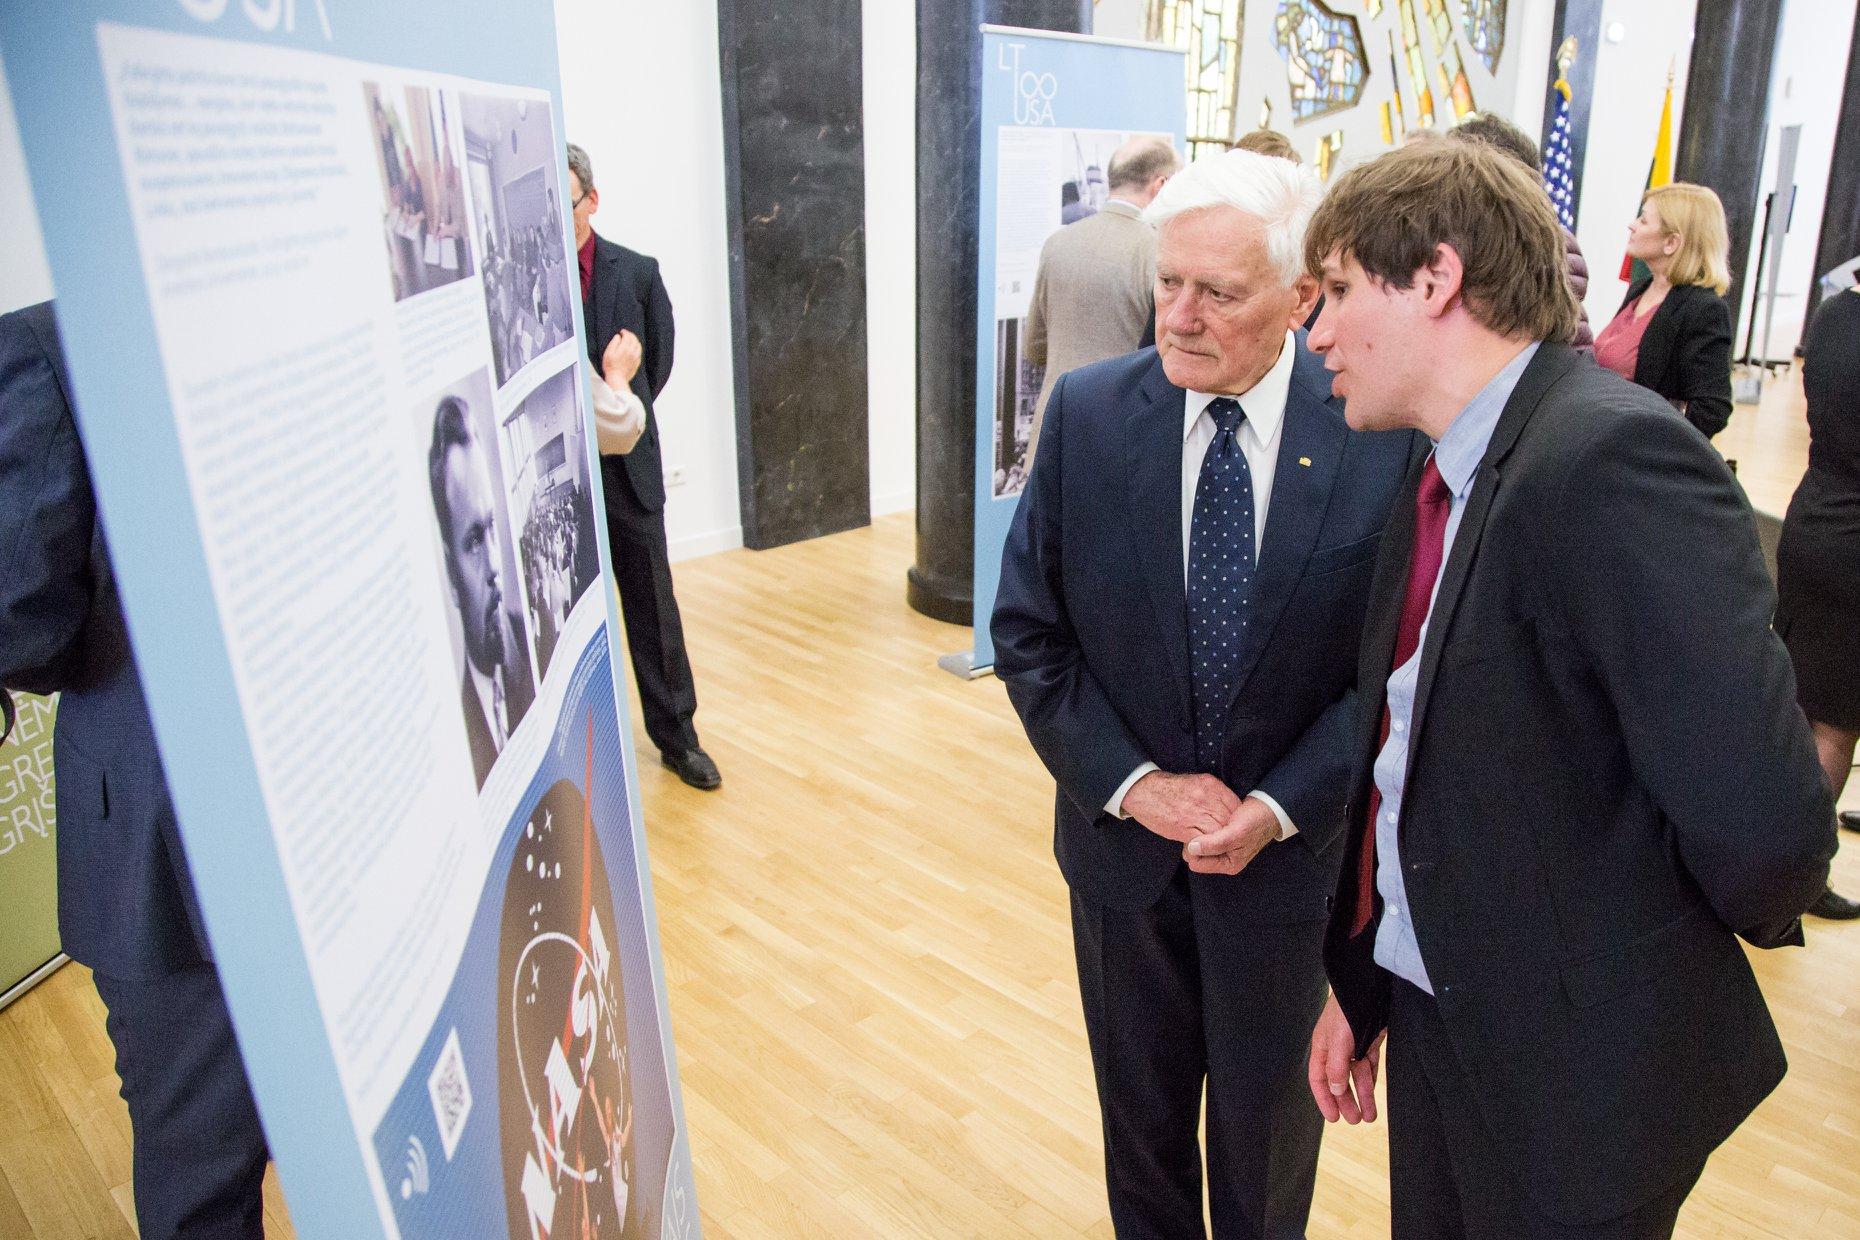 Direktorius A. Antanaitis Prezidentui V. Adamkui pasakoja apie parodos eksponatus.